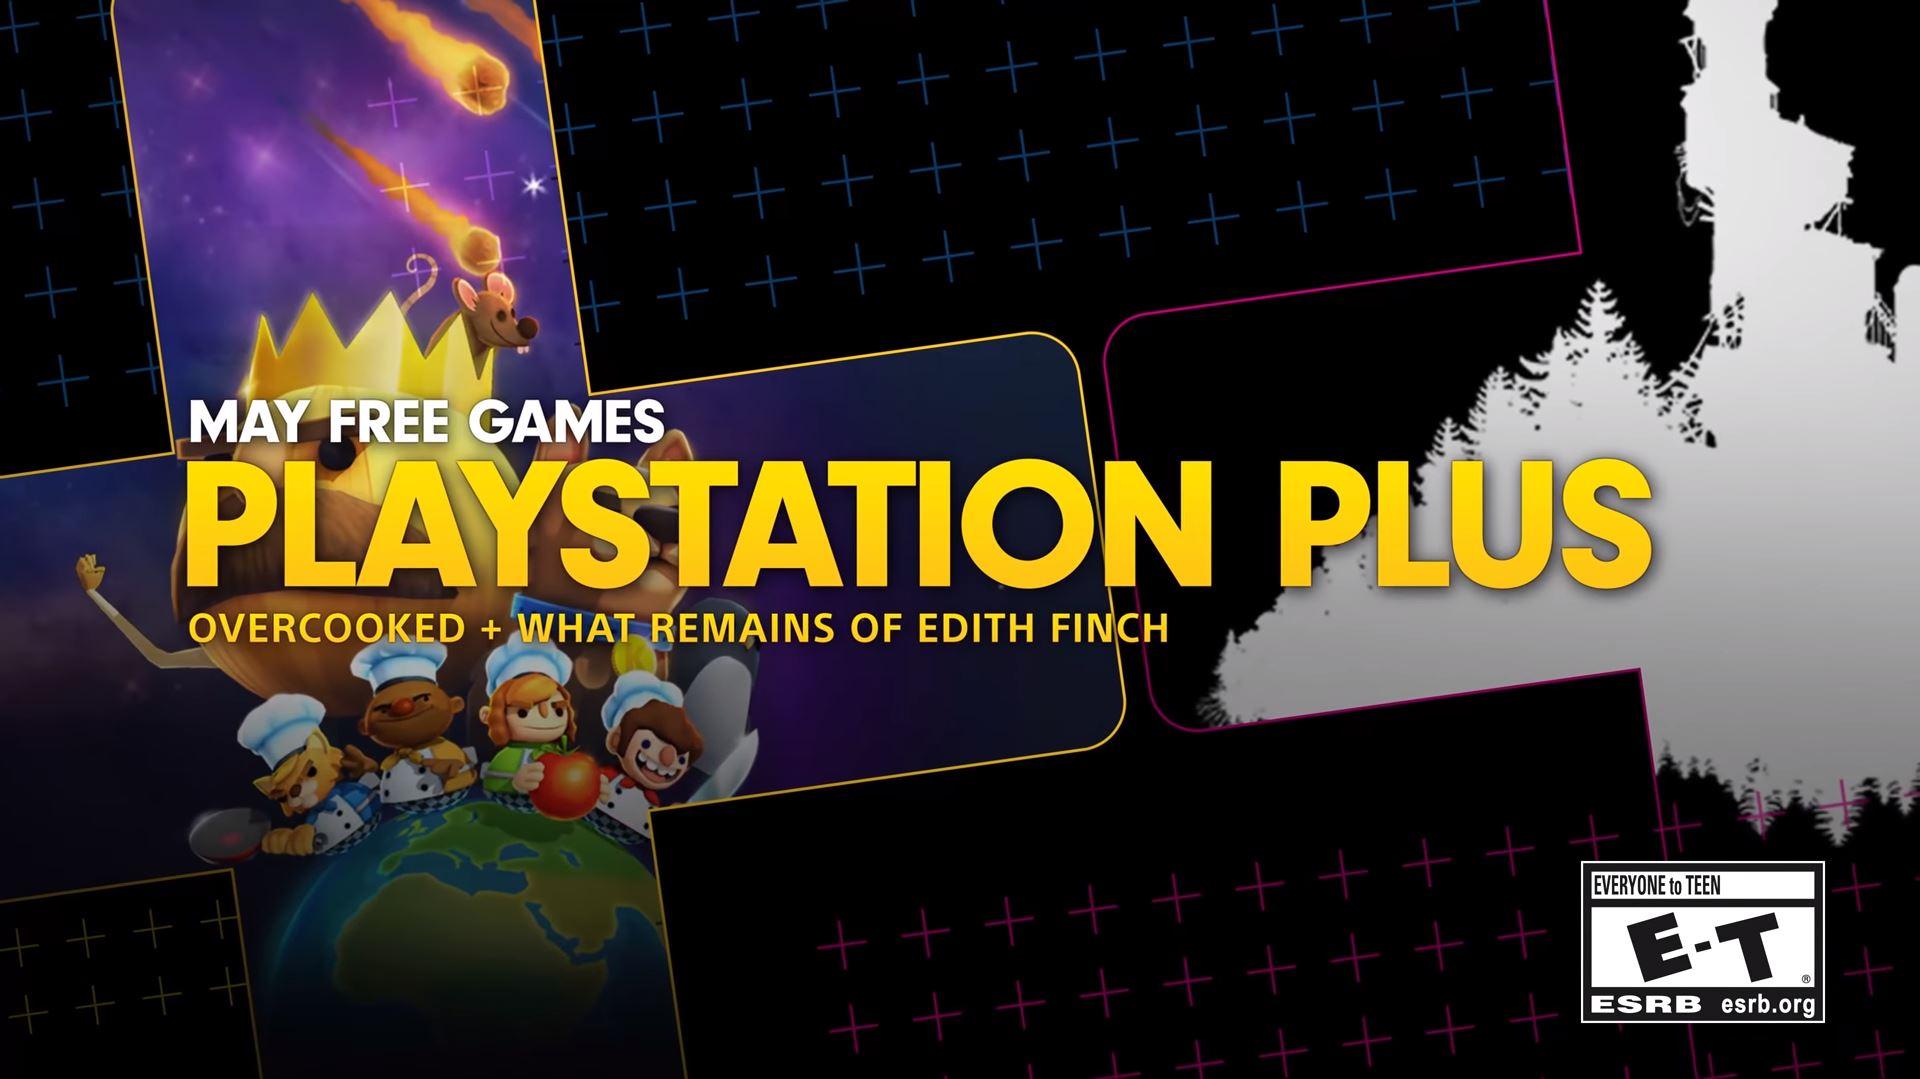 Para todos los gustos, Sony anunció los juegos gratuitos de PS Plus para Mayo